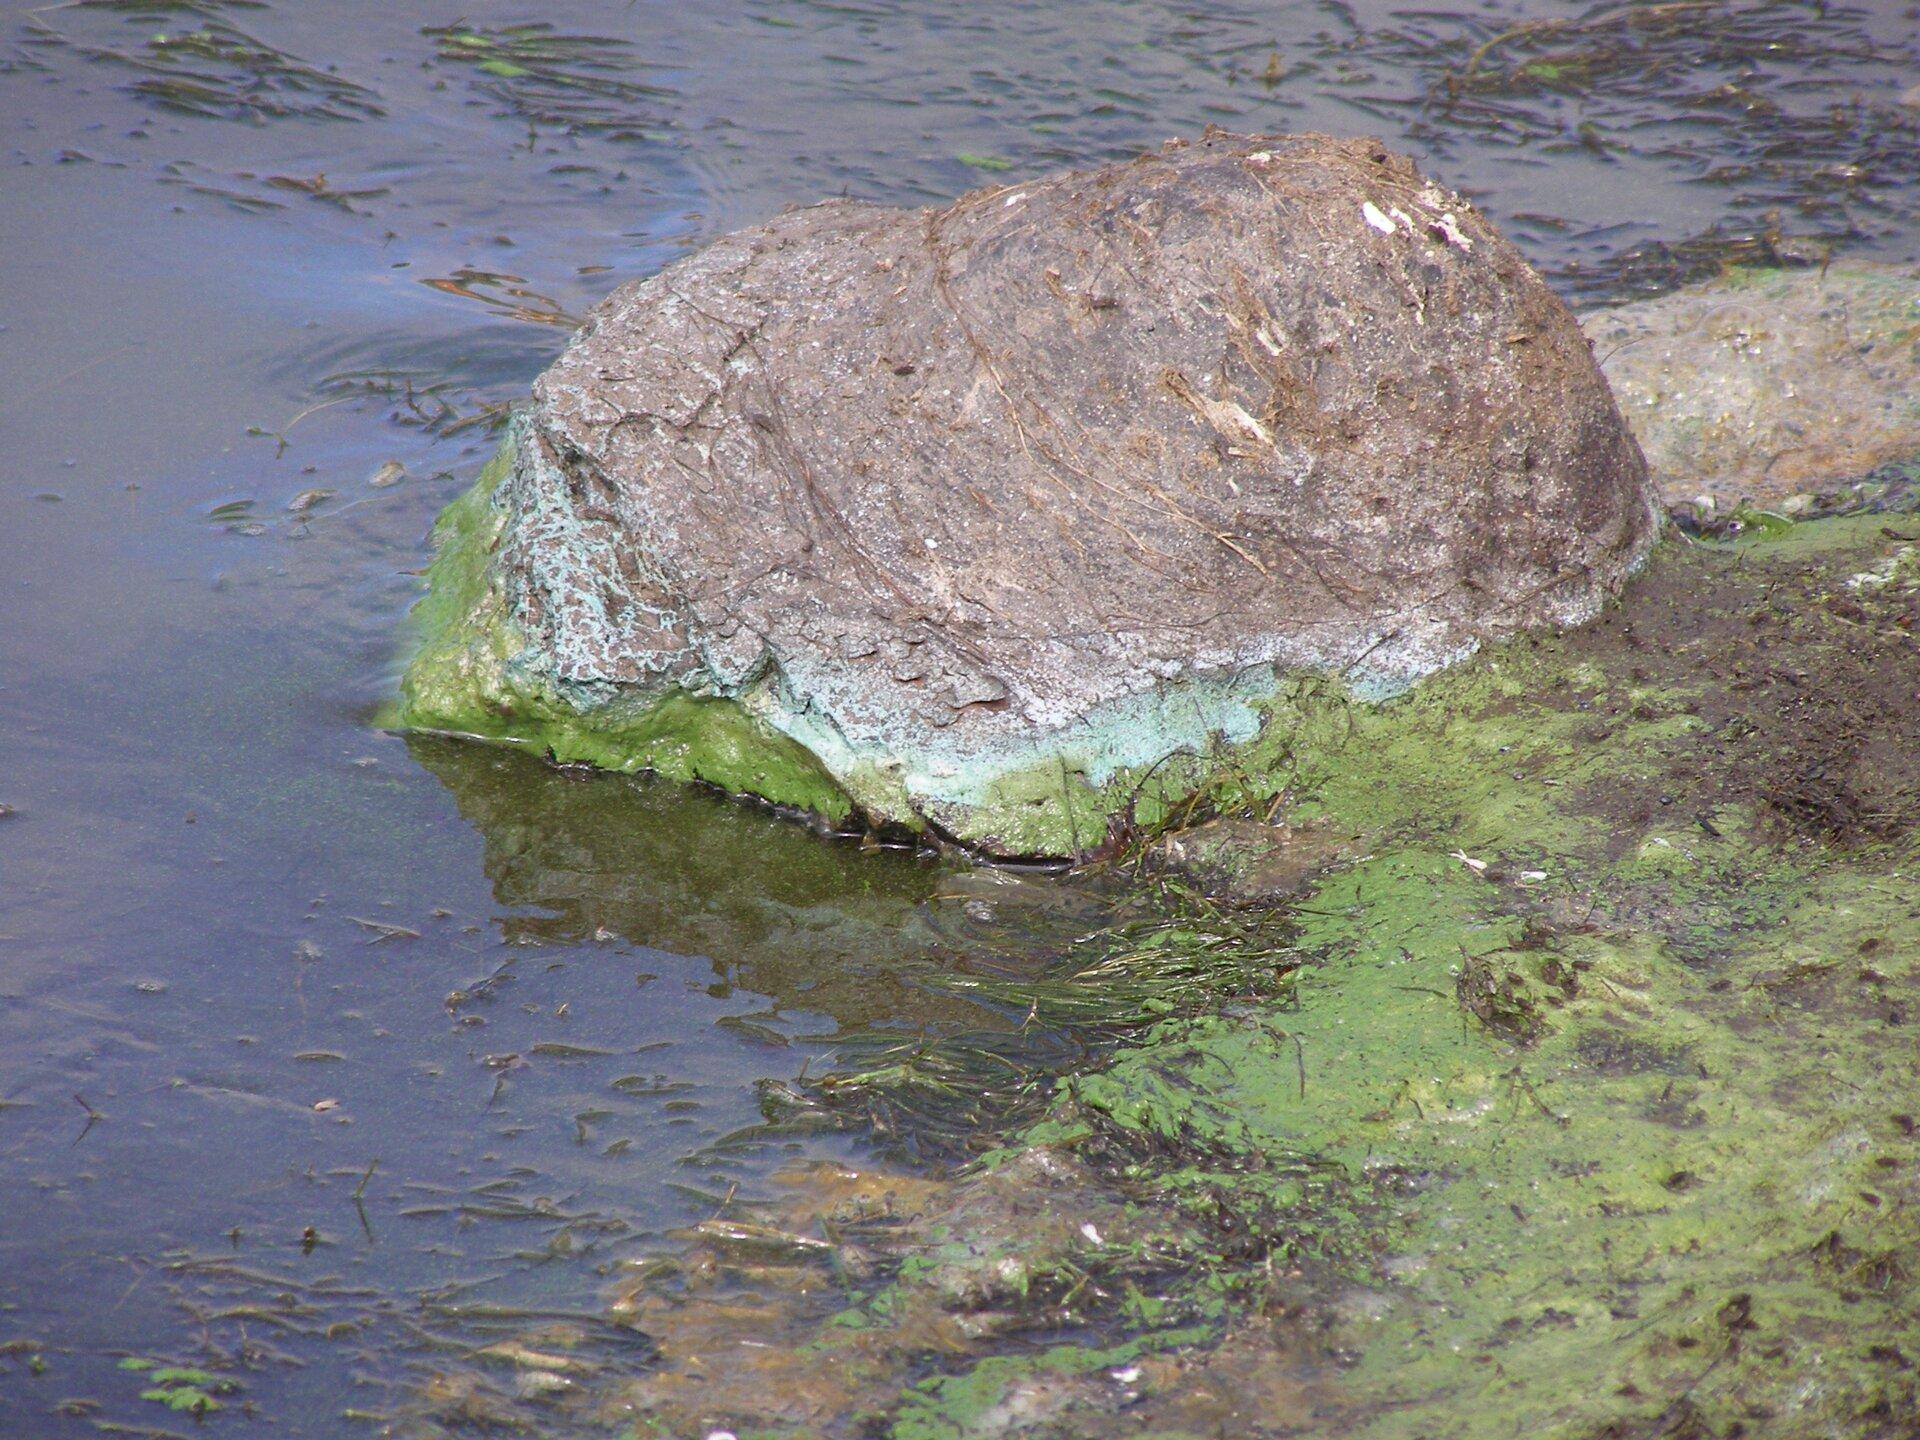 Fotografia przedstawia brzeg zbiornika wodnego. Po prawej stronie skała częściowo zanurzona wwodzie. Na niej, na granicy wody ipowietrza zielony nalot glonów.